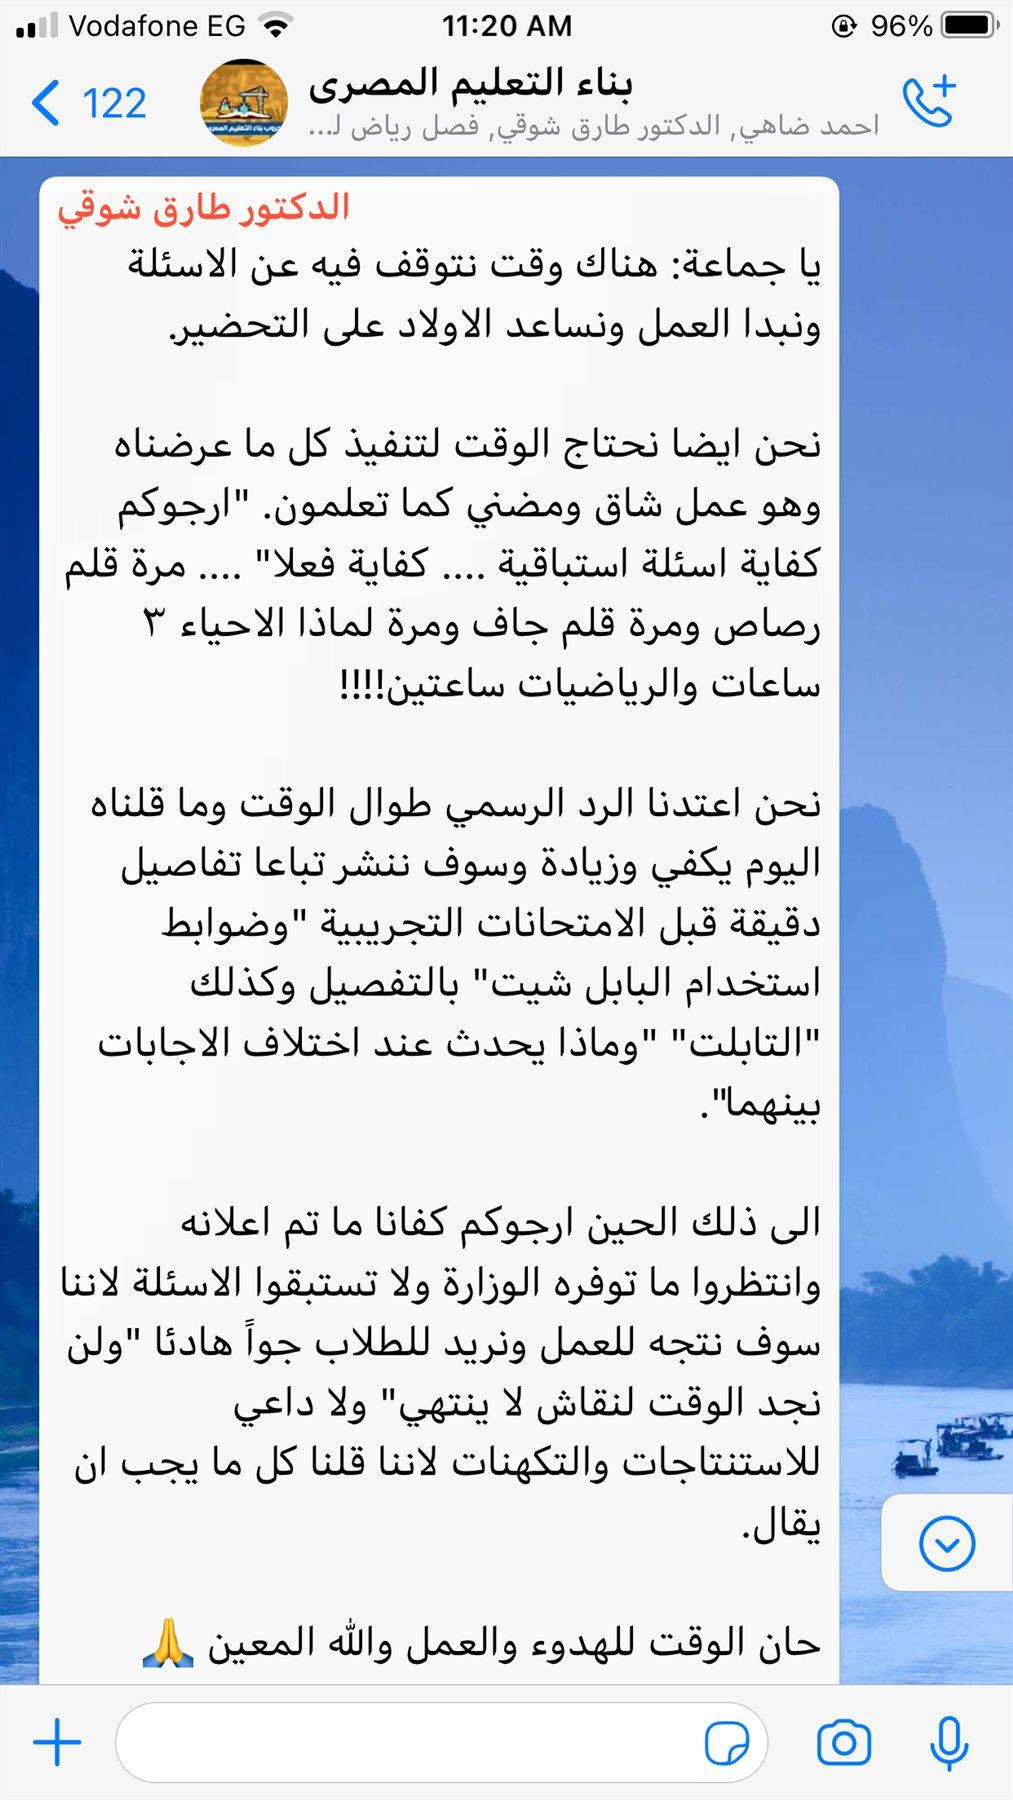 """وزير التربية والتعليم يوجه رسالة هامة لأولياء الأمور والطلاب عبر جروب """"إدعم طارق شوقي"""" 101120"""